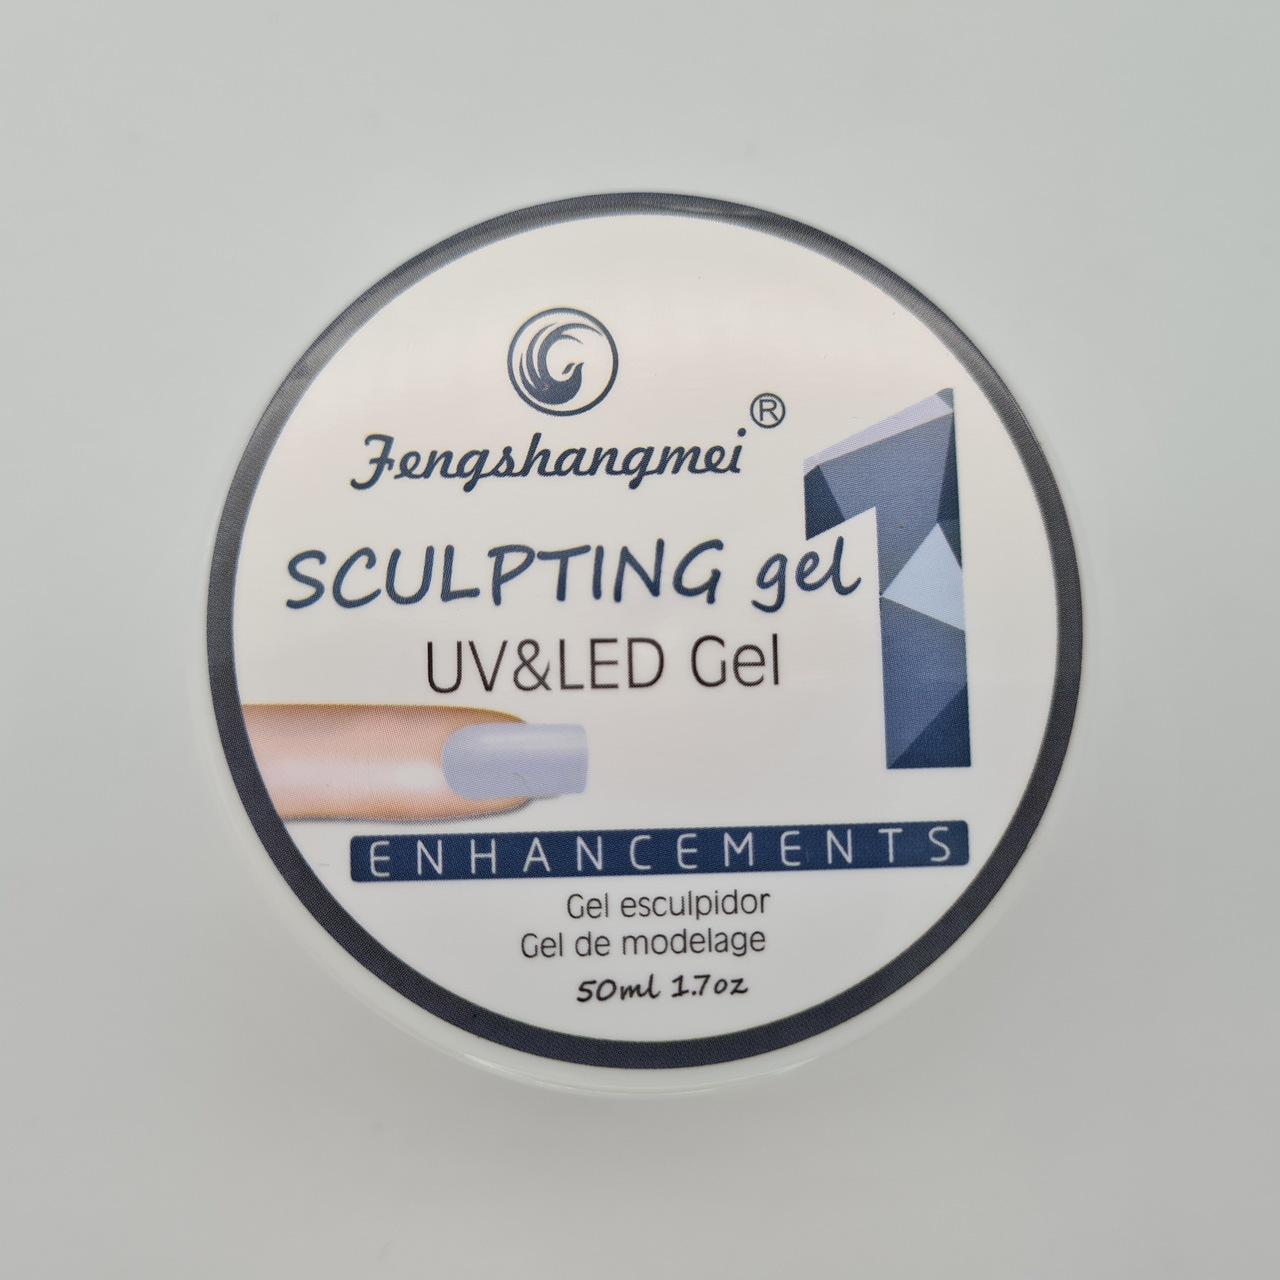 Gel Clear Fengshangmei - 15ml